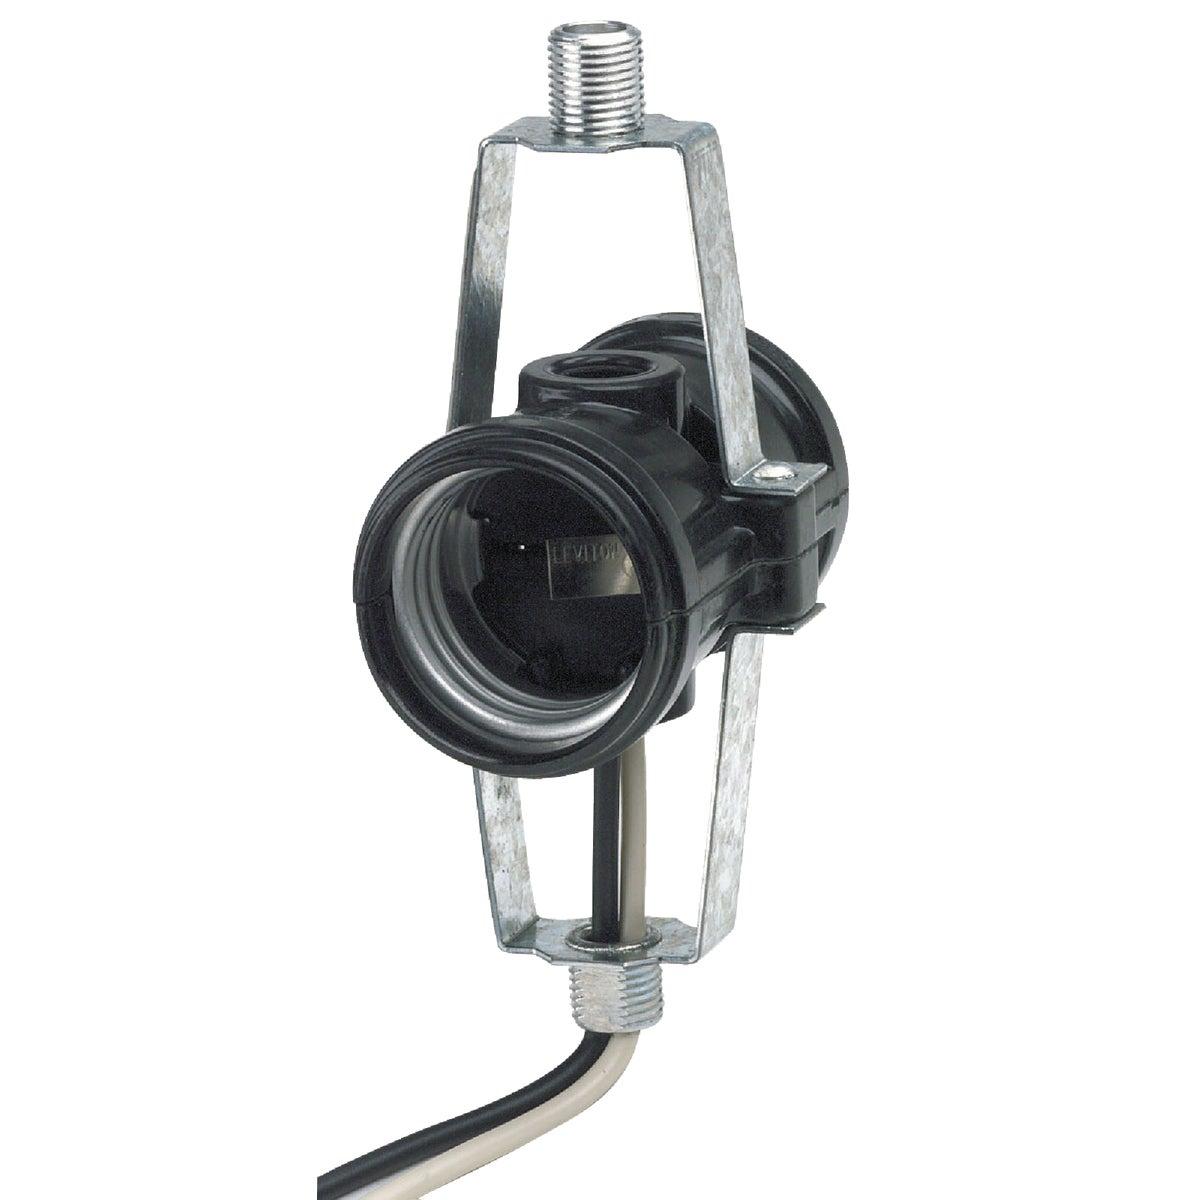 2-LIGHT LAMPHOLDER